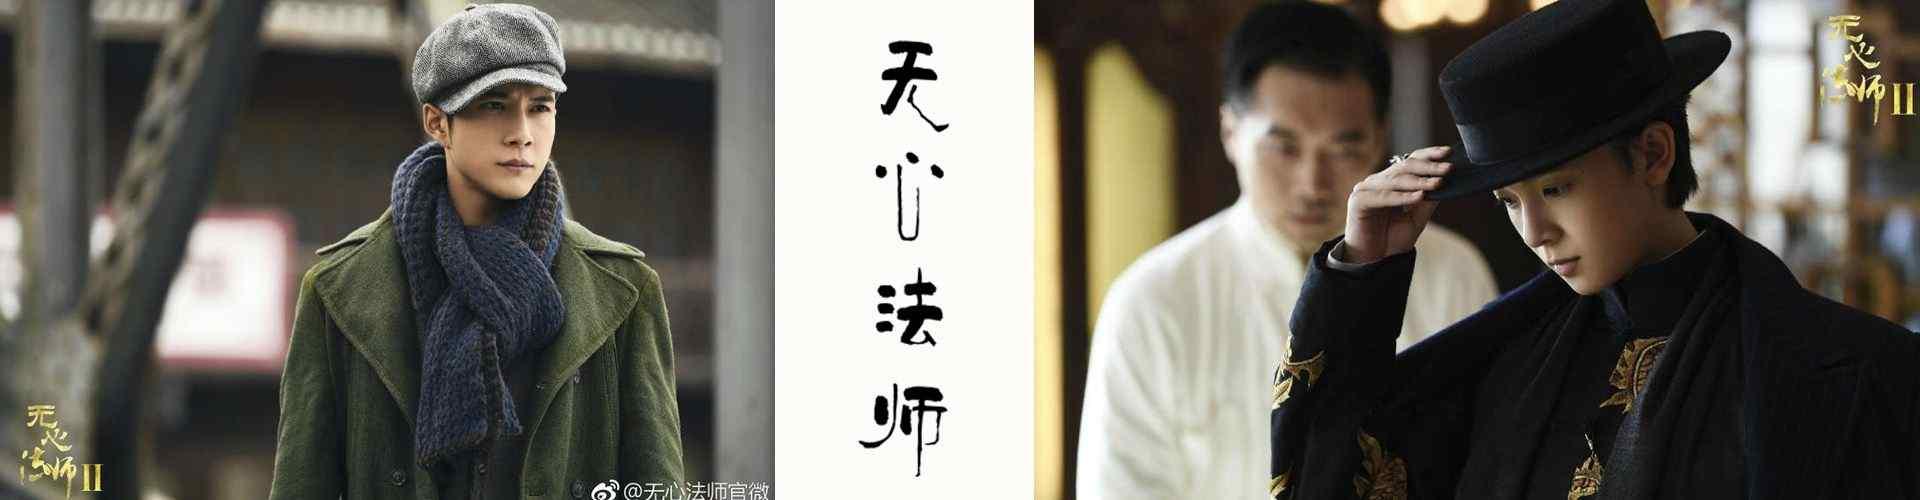 无心法师2_电视剧无心法师2剧照图片_韩东君图片、陈瑶图片_影视壁纸